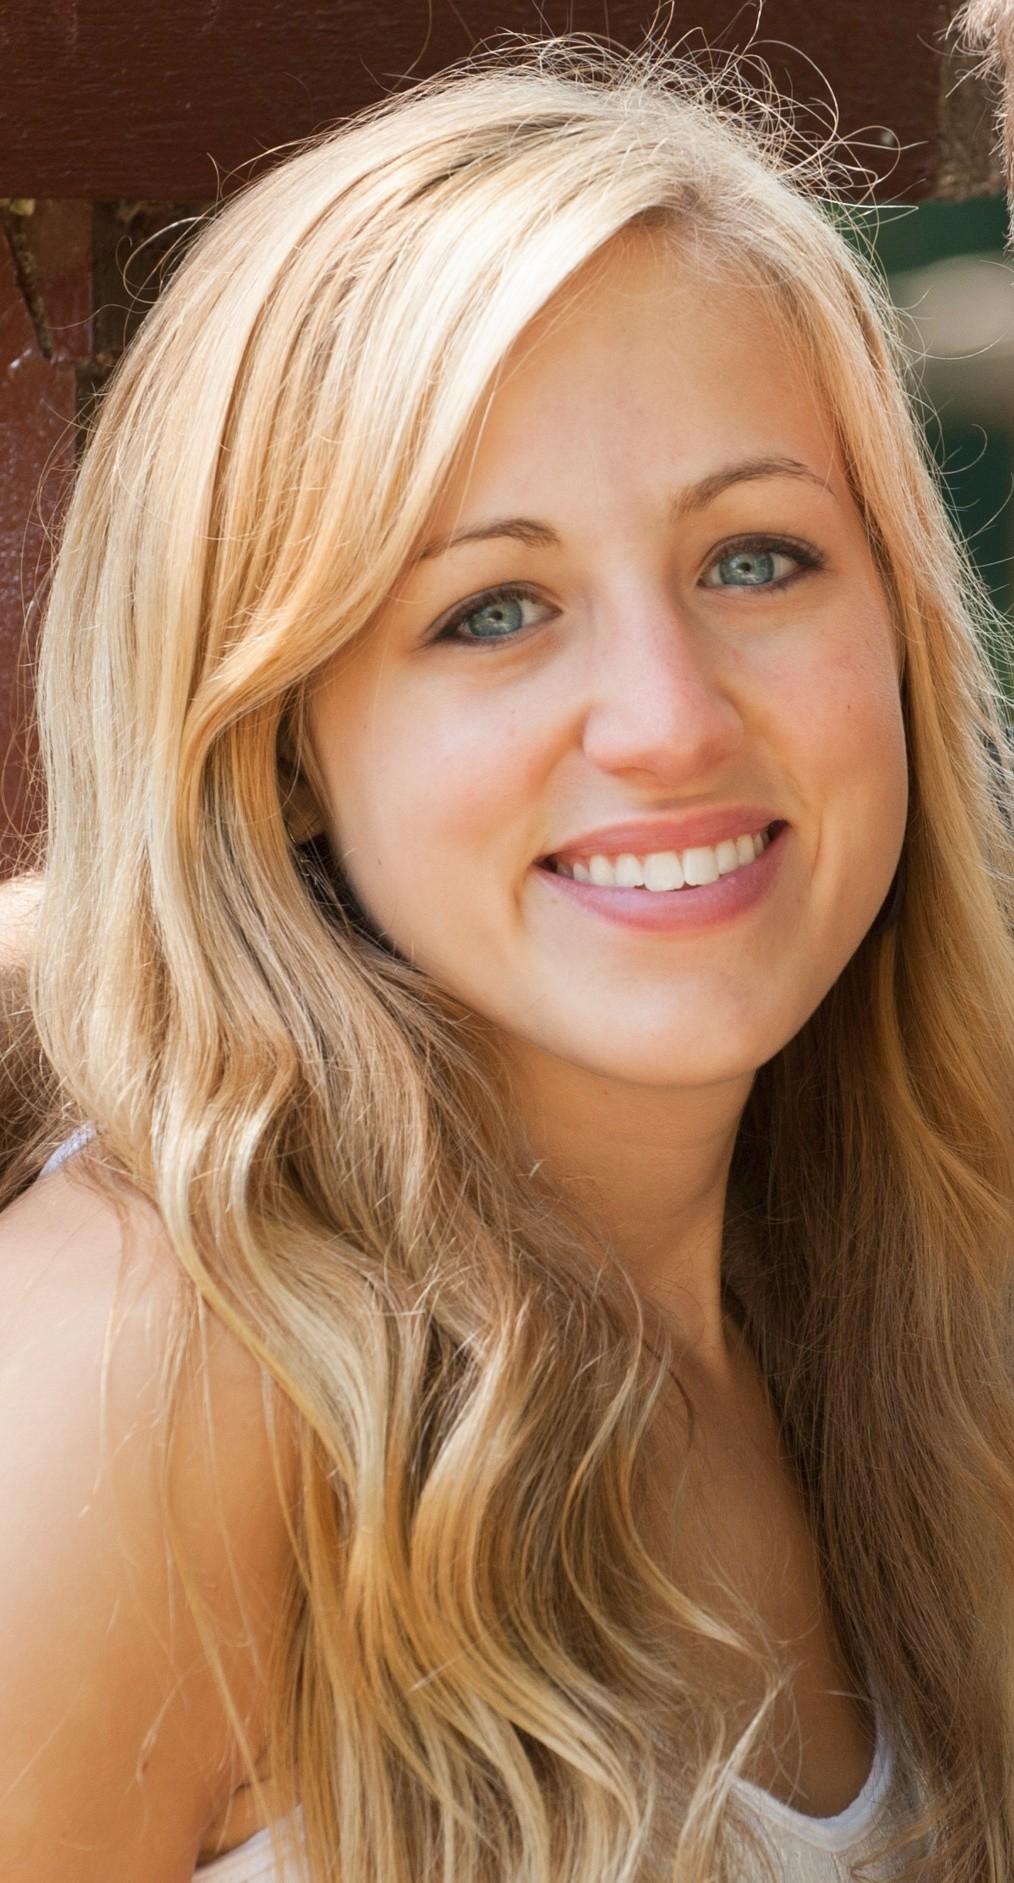 Nicole Kauffman